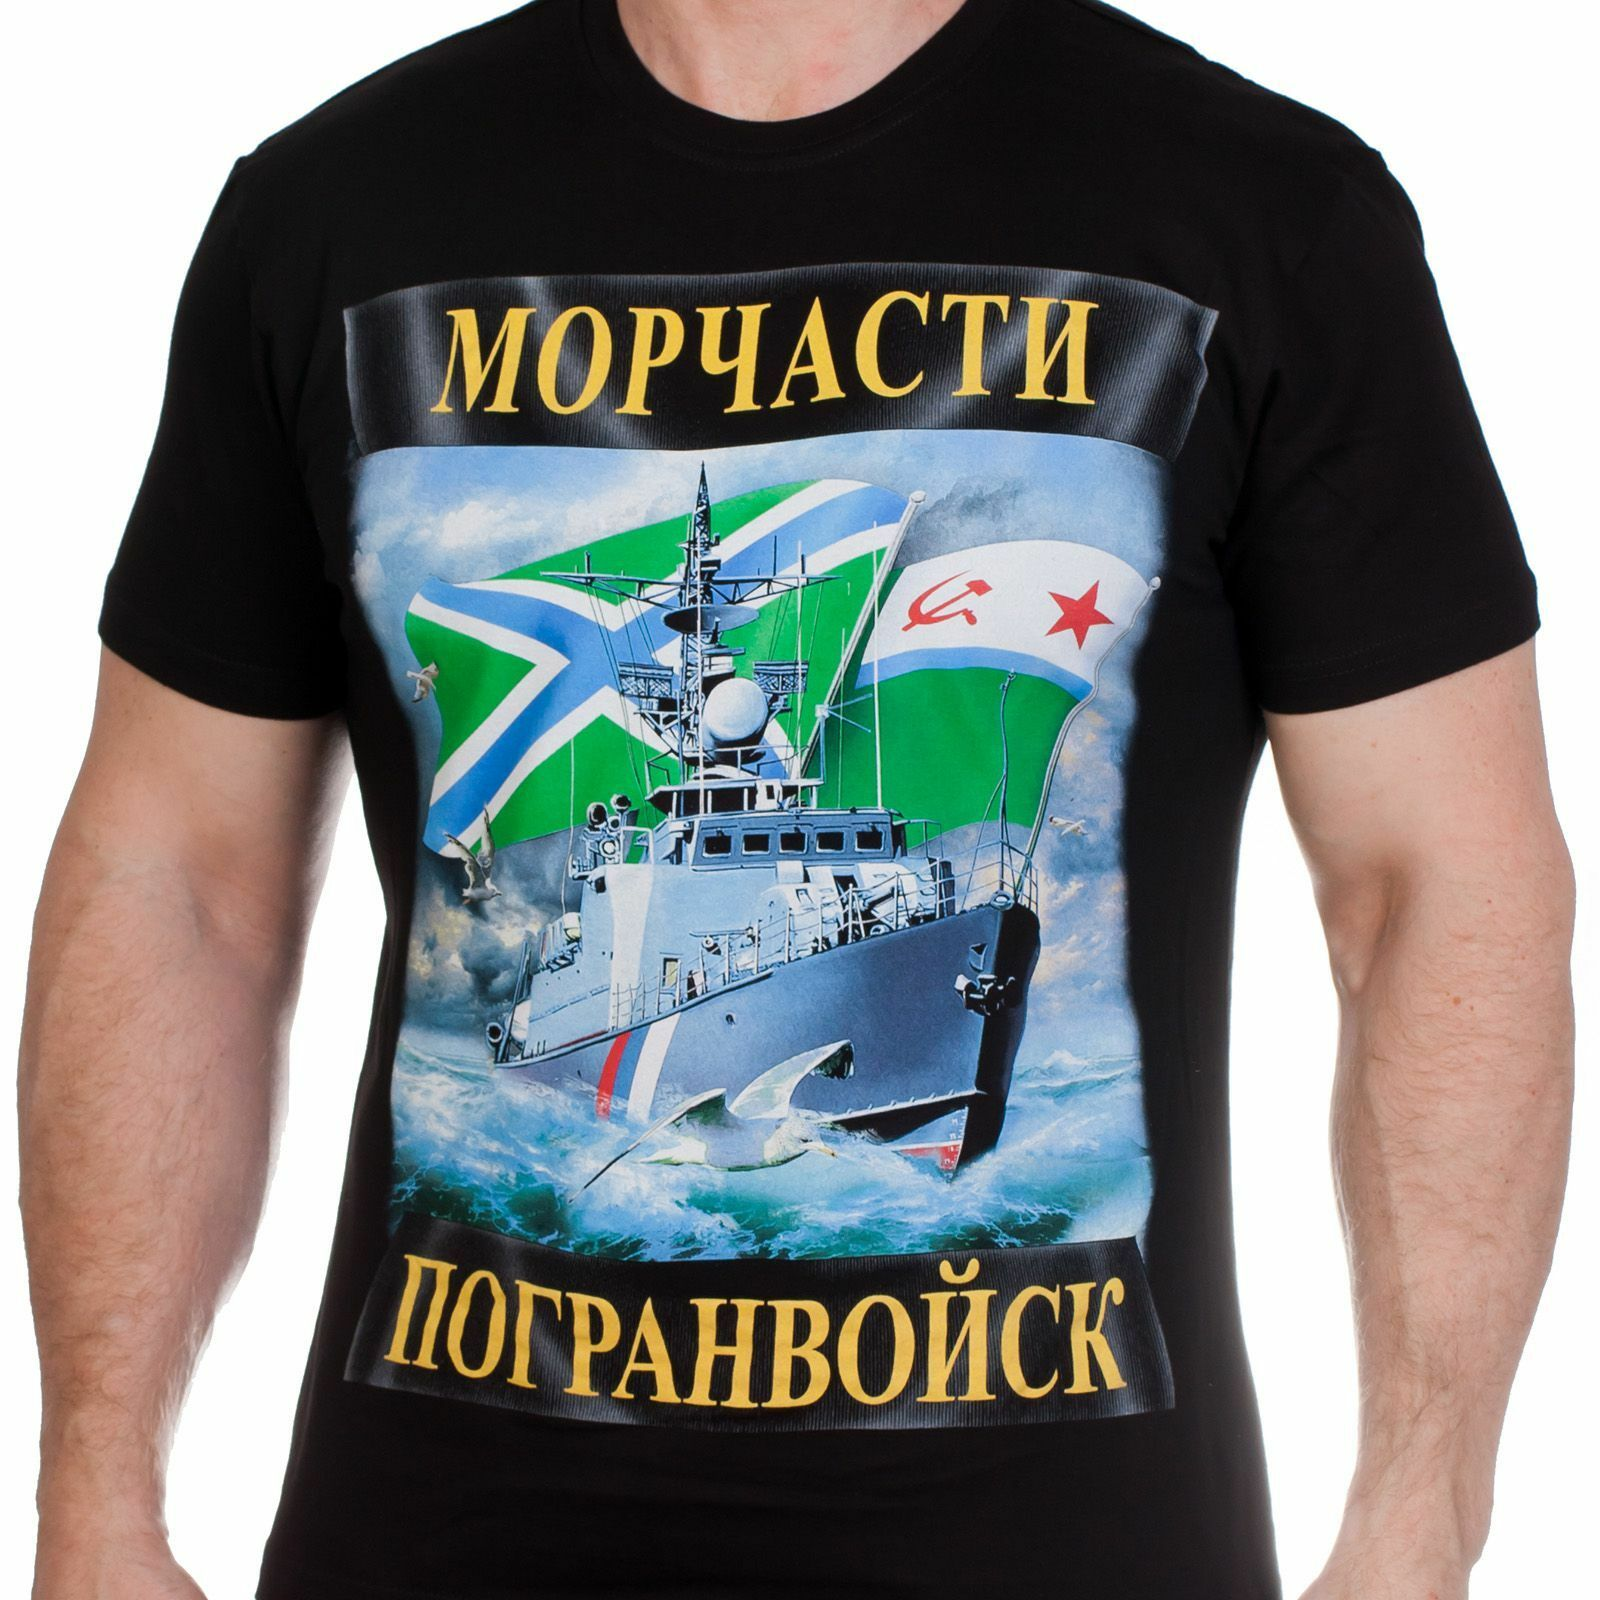 T-shirt noir bleu marine T-Shirts armée militaire vêtements pour hommes russie russe